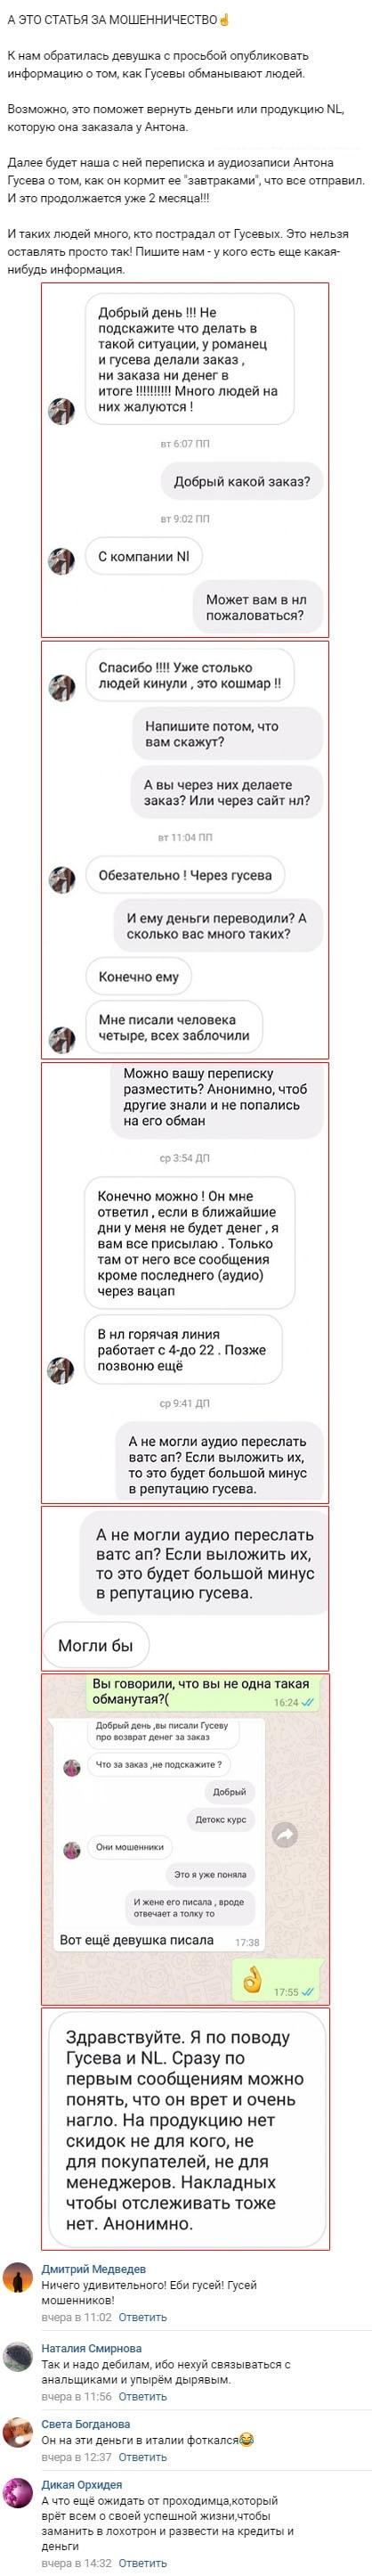 Антону Гусеву вновь грозит до пяти лет тюрьмы